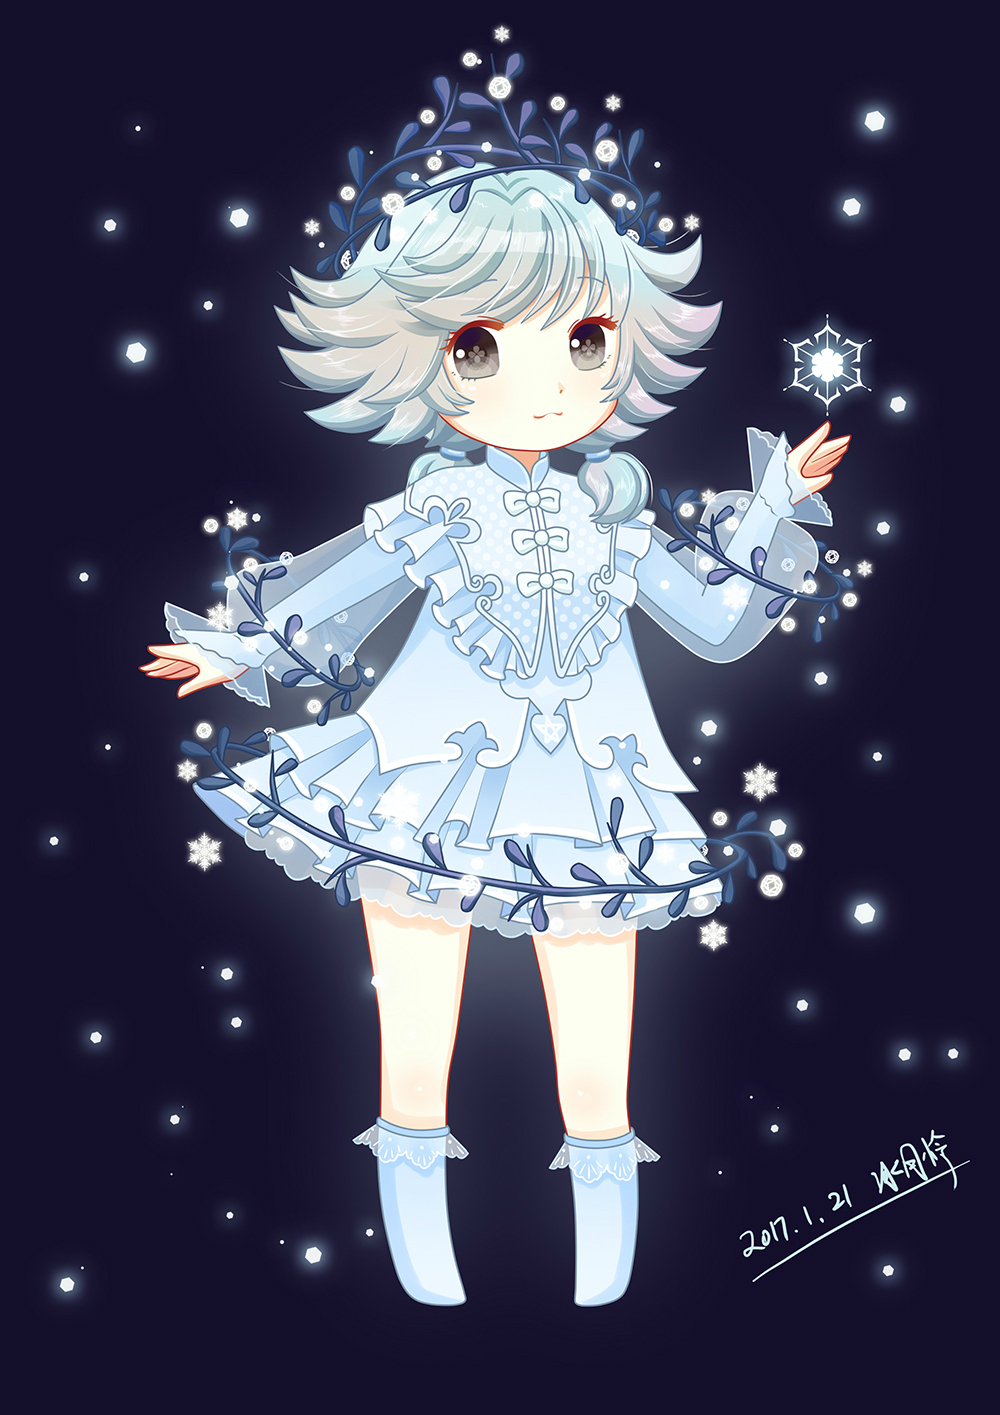 天谕玩家Q版同人手绘 时装纯雪萌娃